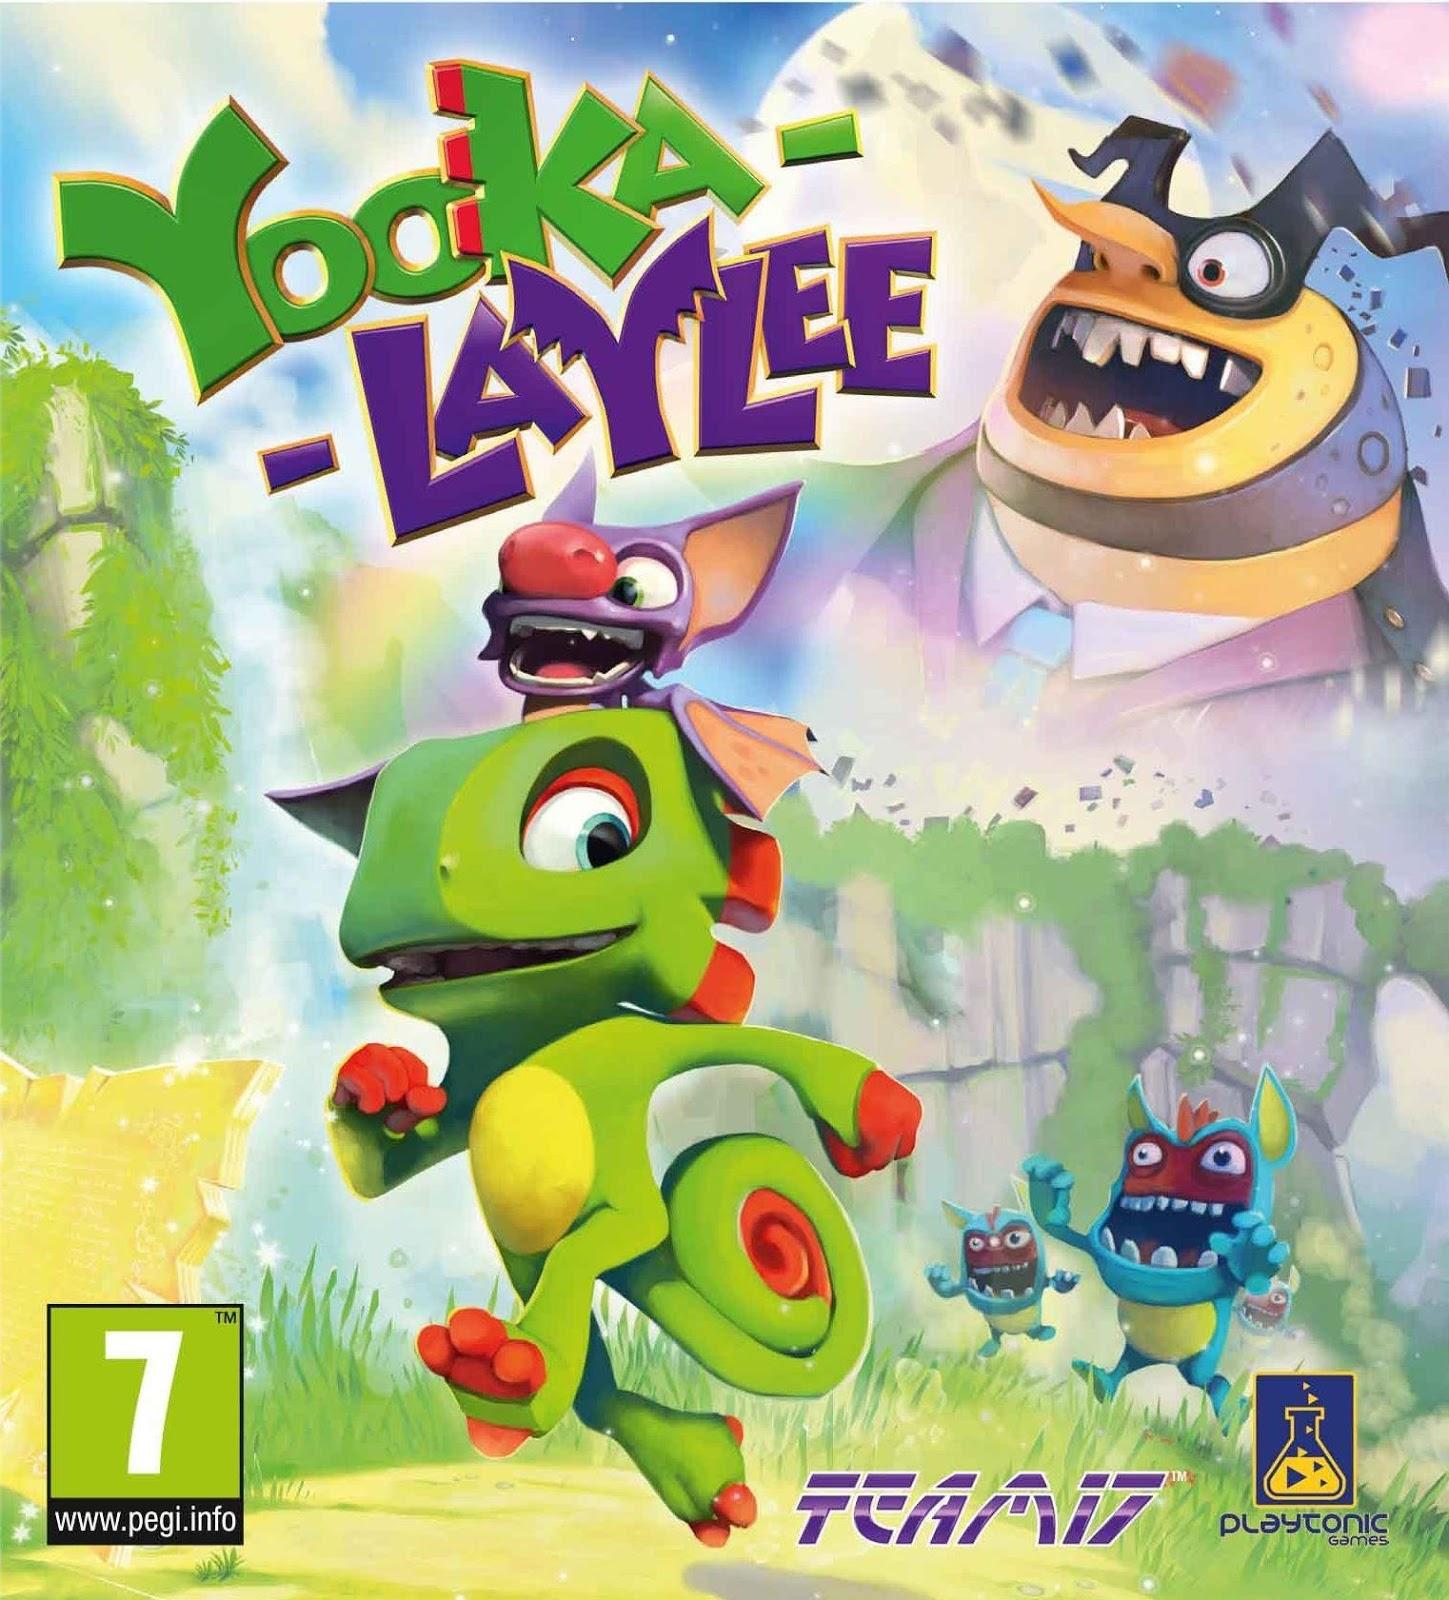 Yooka-Laylee ESPAÑOL PC Full